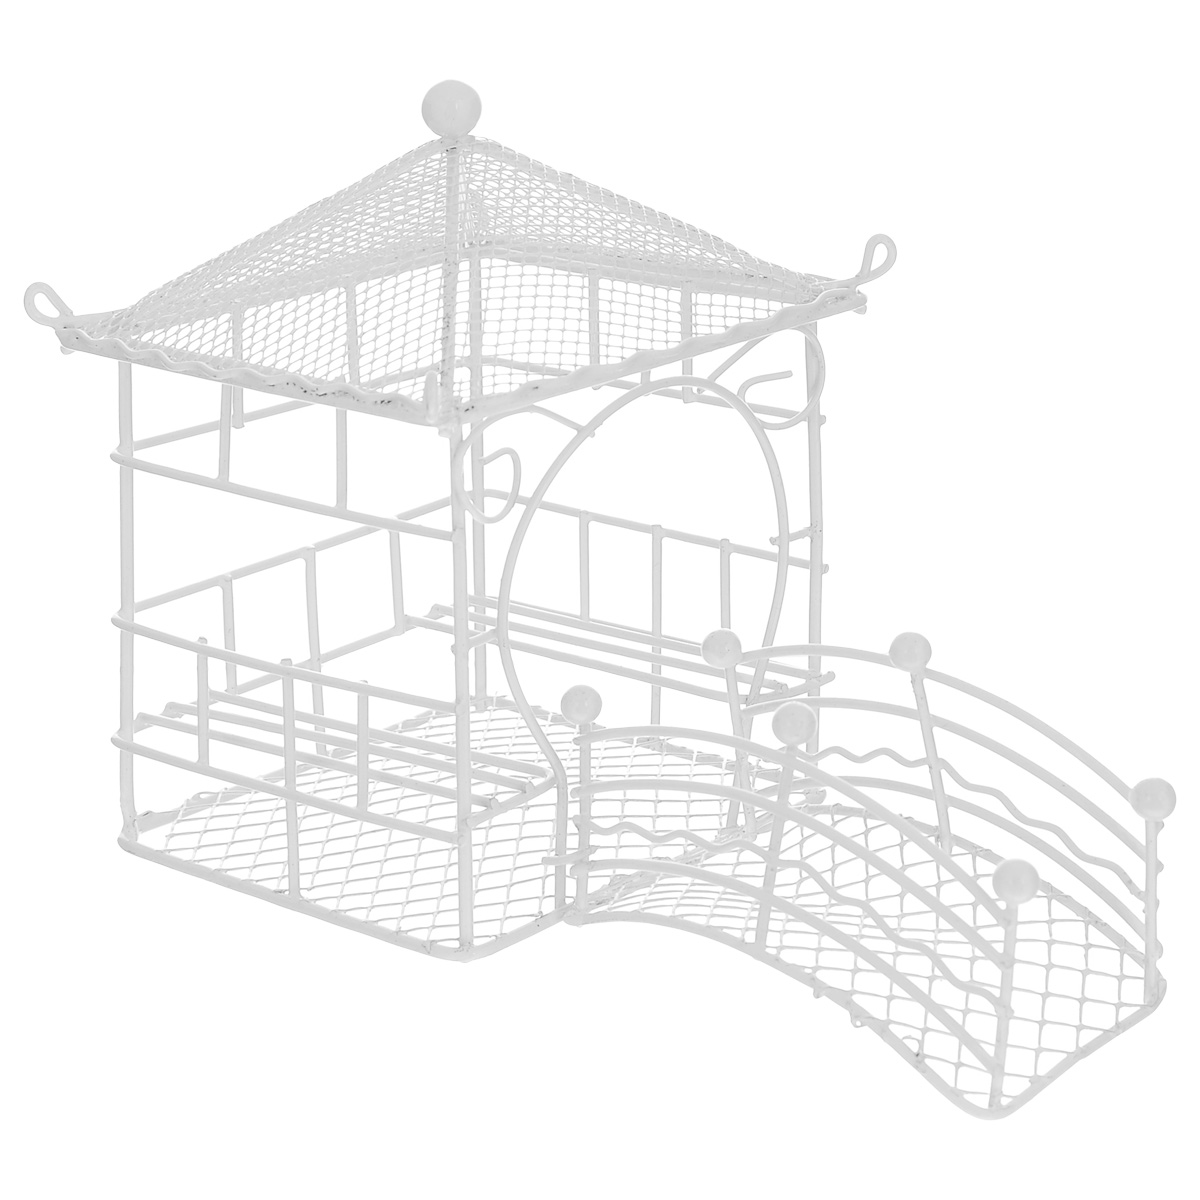 Беседка декоративная ScrapBerrys с мостиком, цвет: белый, 16 см х 9,5 см х 12 смSCB271002Декоративная беседка ScrapBerrys изготовлена из высококачественного металла. Изделие оснащено мостиком и украшено изящными коваными завитушками.Такая беседка предназначена для скрапбукинга (для флористики), также она подойдет для декора интерьера дома или офиса. Кроме того - это отличный вариант подарка для ваших близких и друзей.Размер беседки: 16 см х 9,5 см х 12 см.